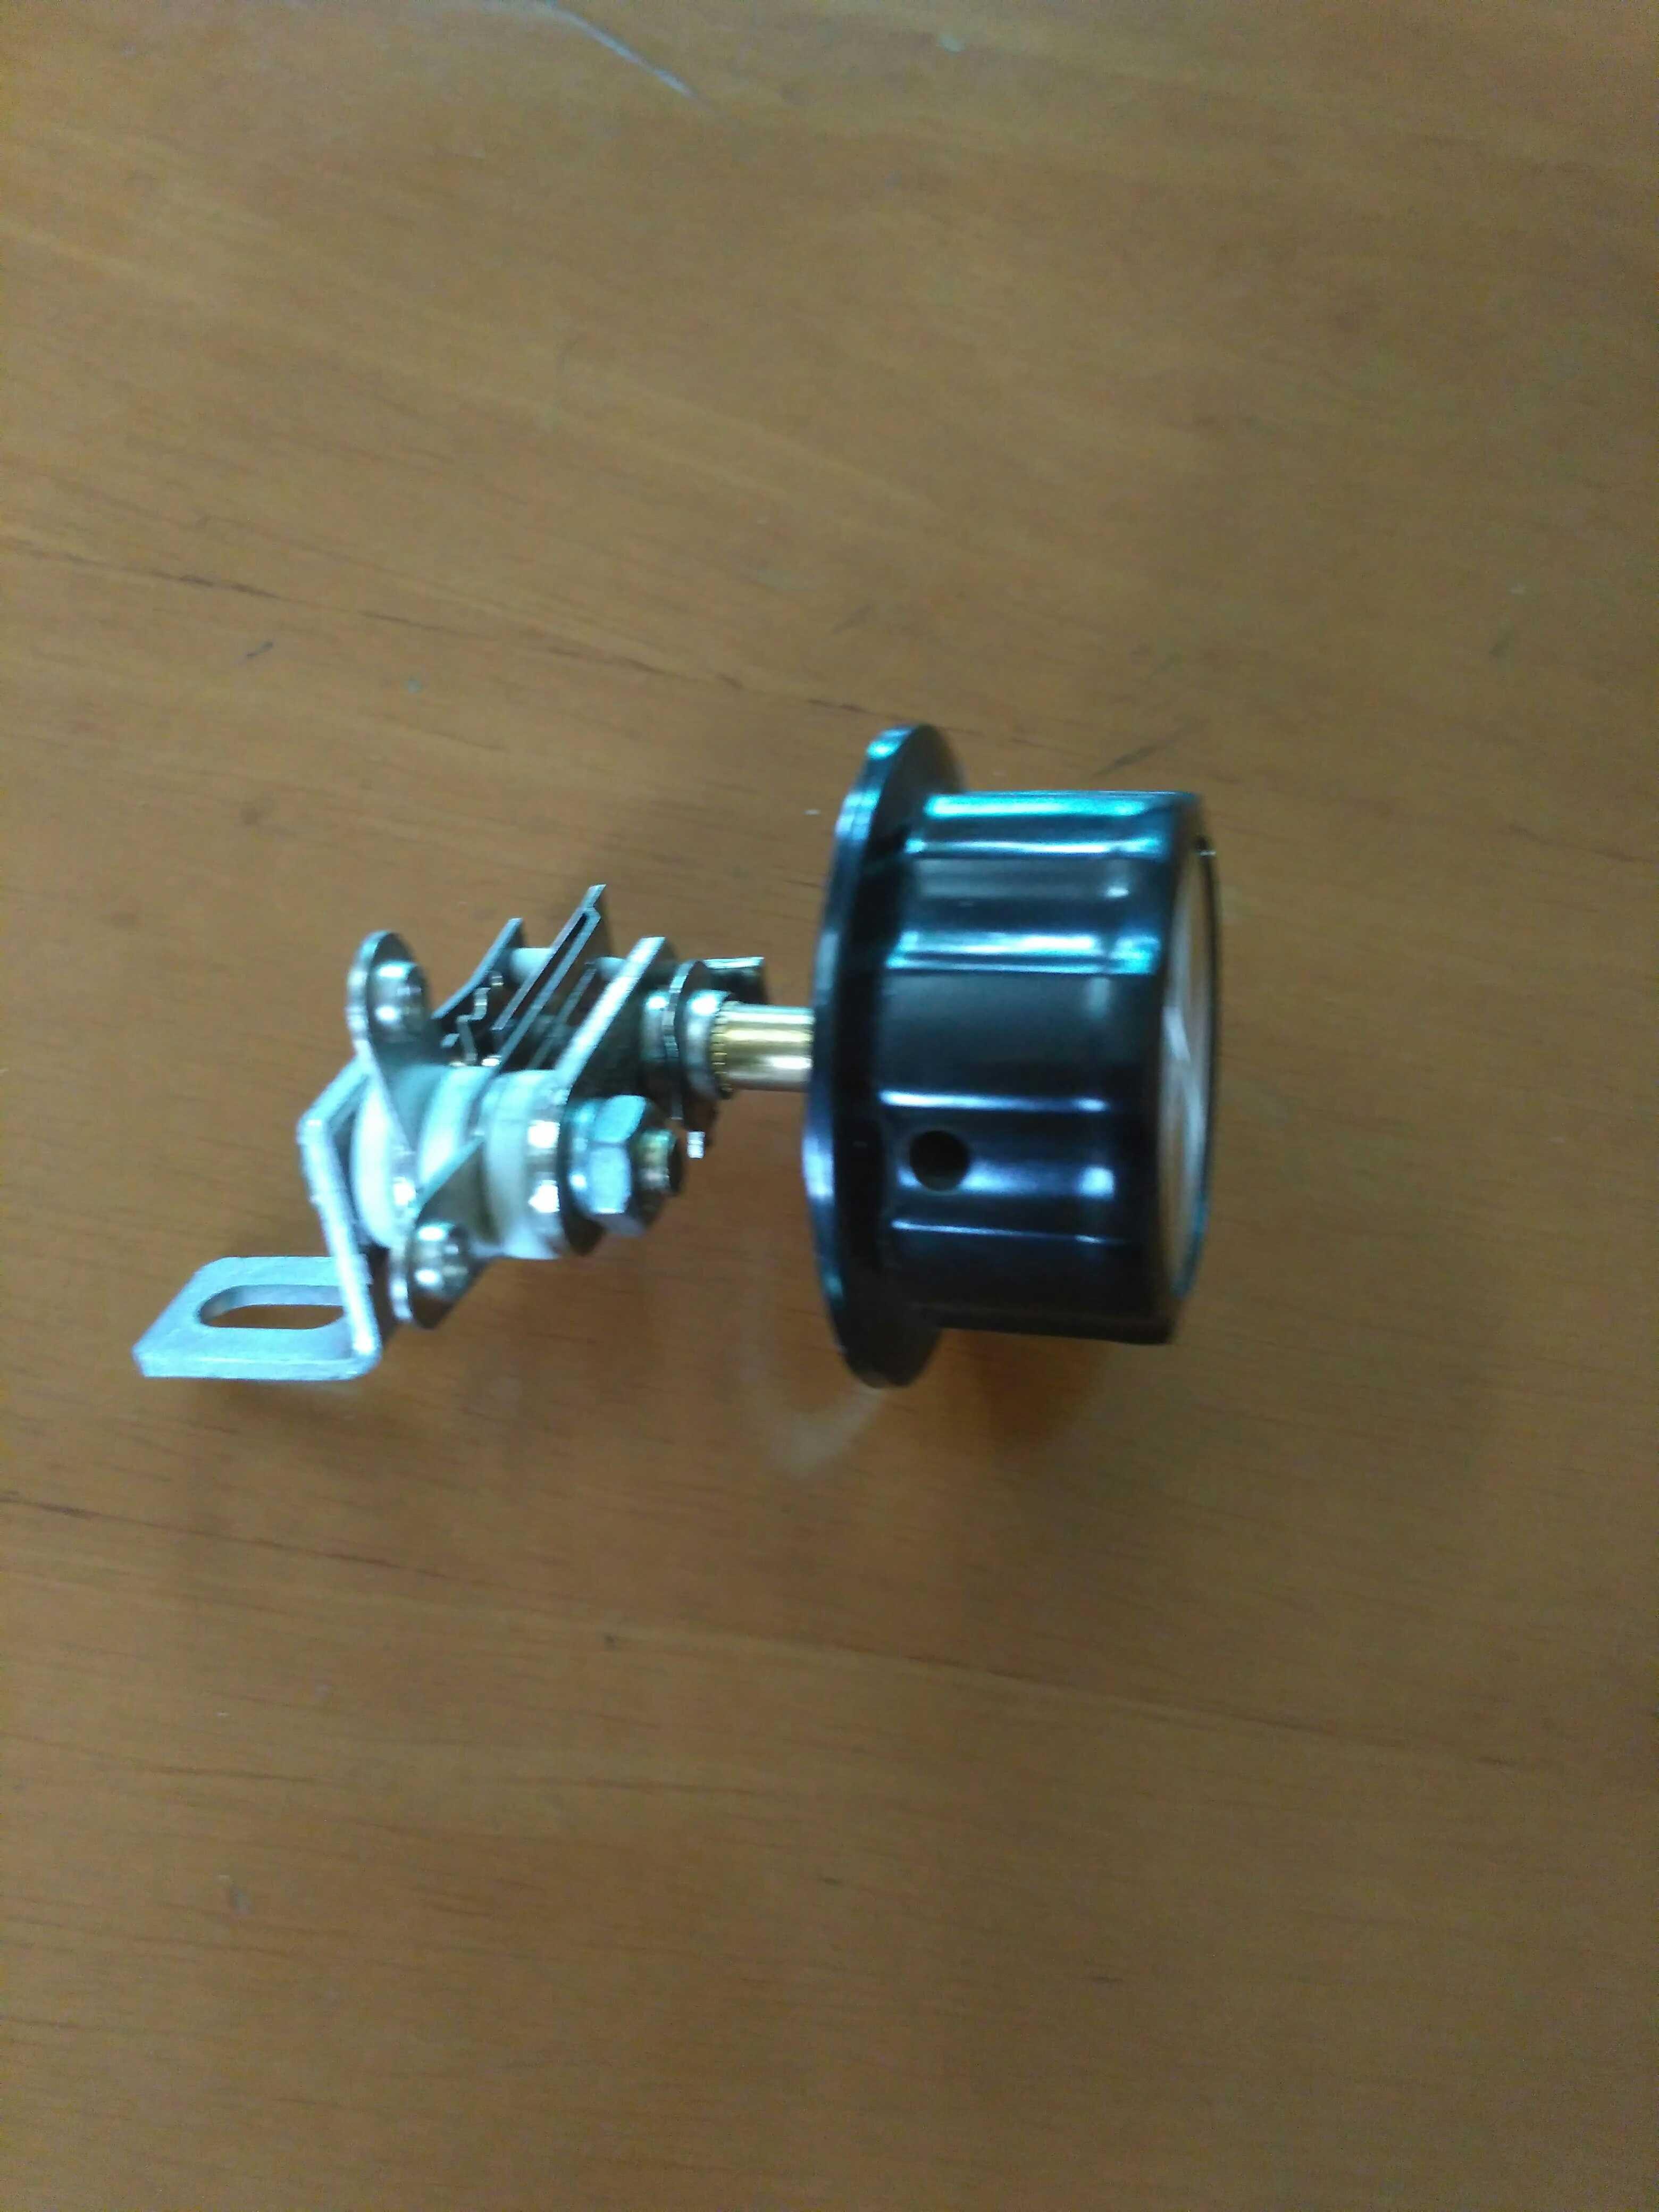 Controlador de temperatura de un horno eléctrico de cerámica, la regulación de la temperatura, el control de la temperatura la temperatura de cambio automático de tipo mecánico, con tapón de rosca